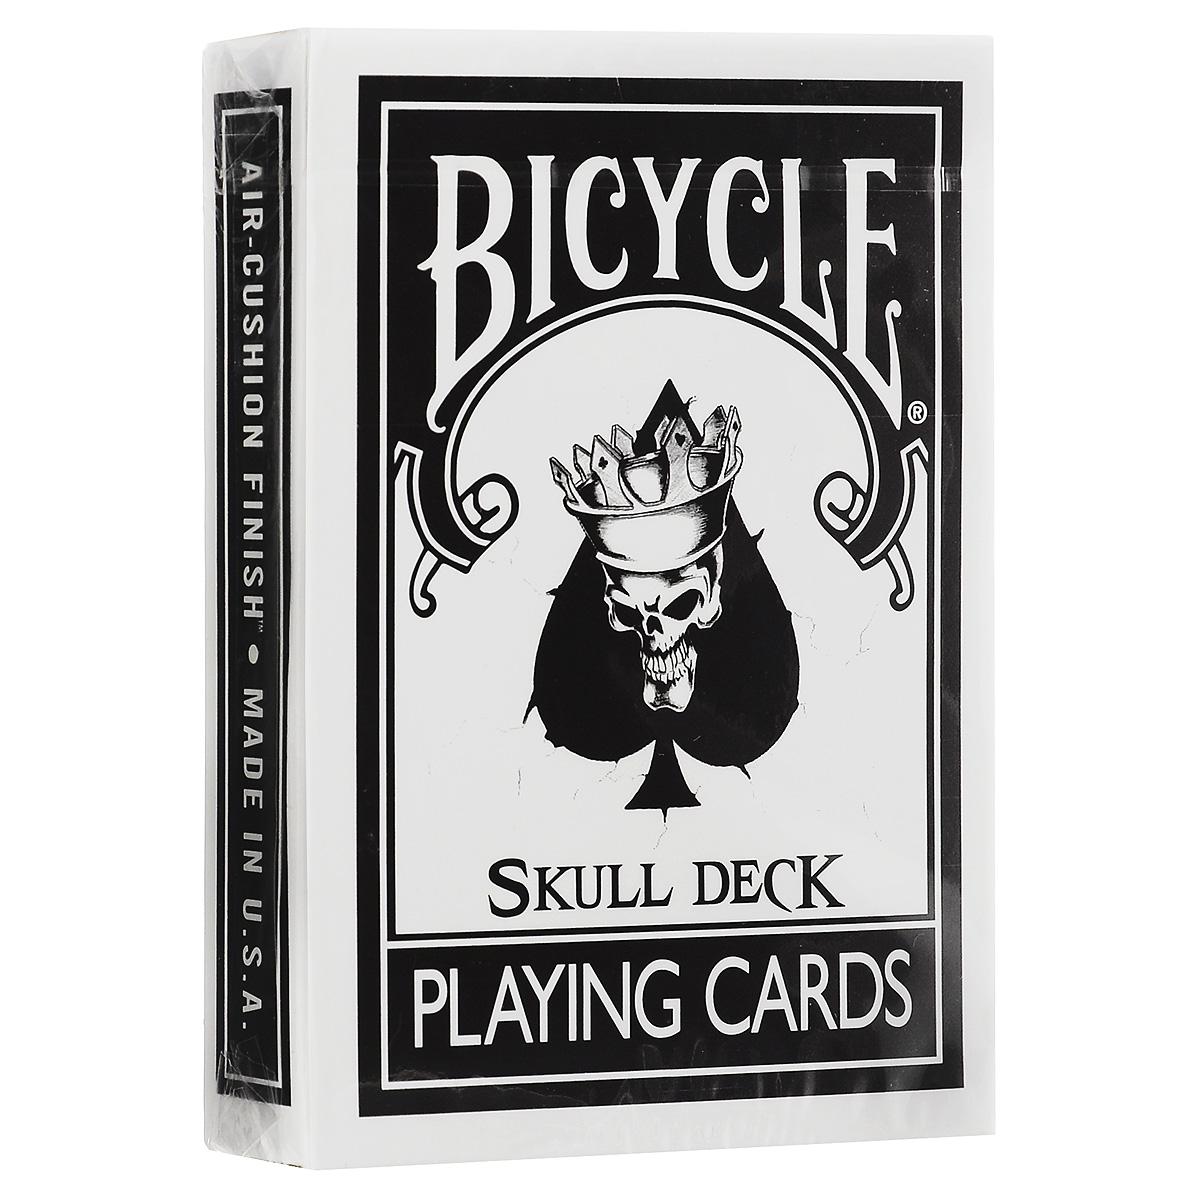 Карты игральные Bicycle The Skull Deck, цвет: черный, белыйК-214Одна из самых известных карточных колод теперь доступна коллекционерам и исполнителям в новом обличье. Колода рельефна, к тому же края ее сделаны специально для того, чтобы полетом было легче управлять. В комплекте вы найдете специальный Туз Пик. Удивите своих зрителей новыми фокусами, которые станут возможны с этой колодой.